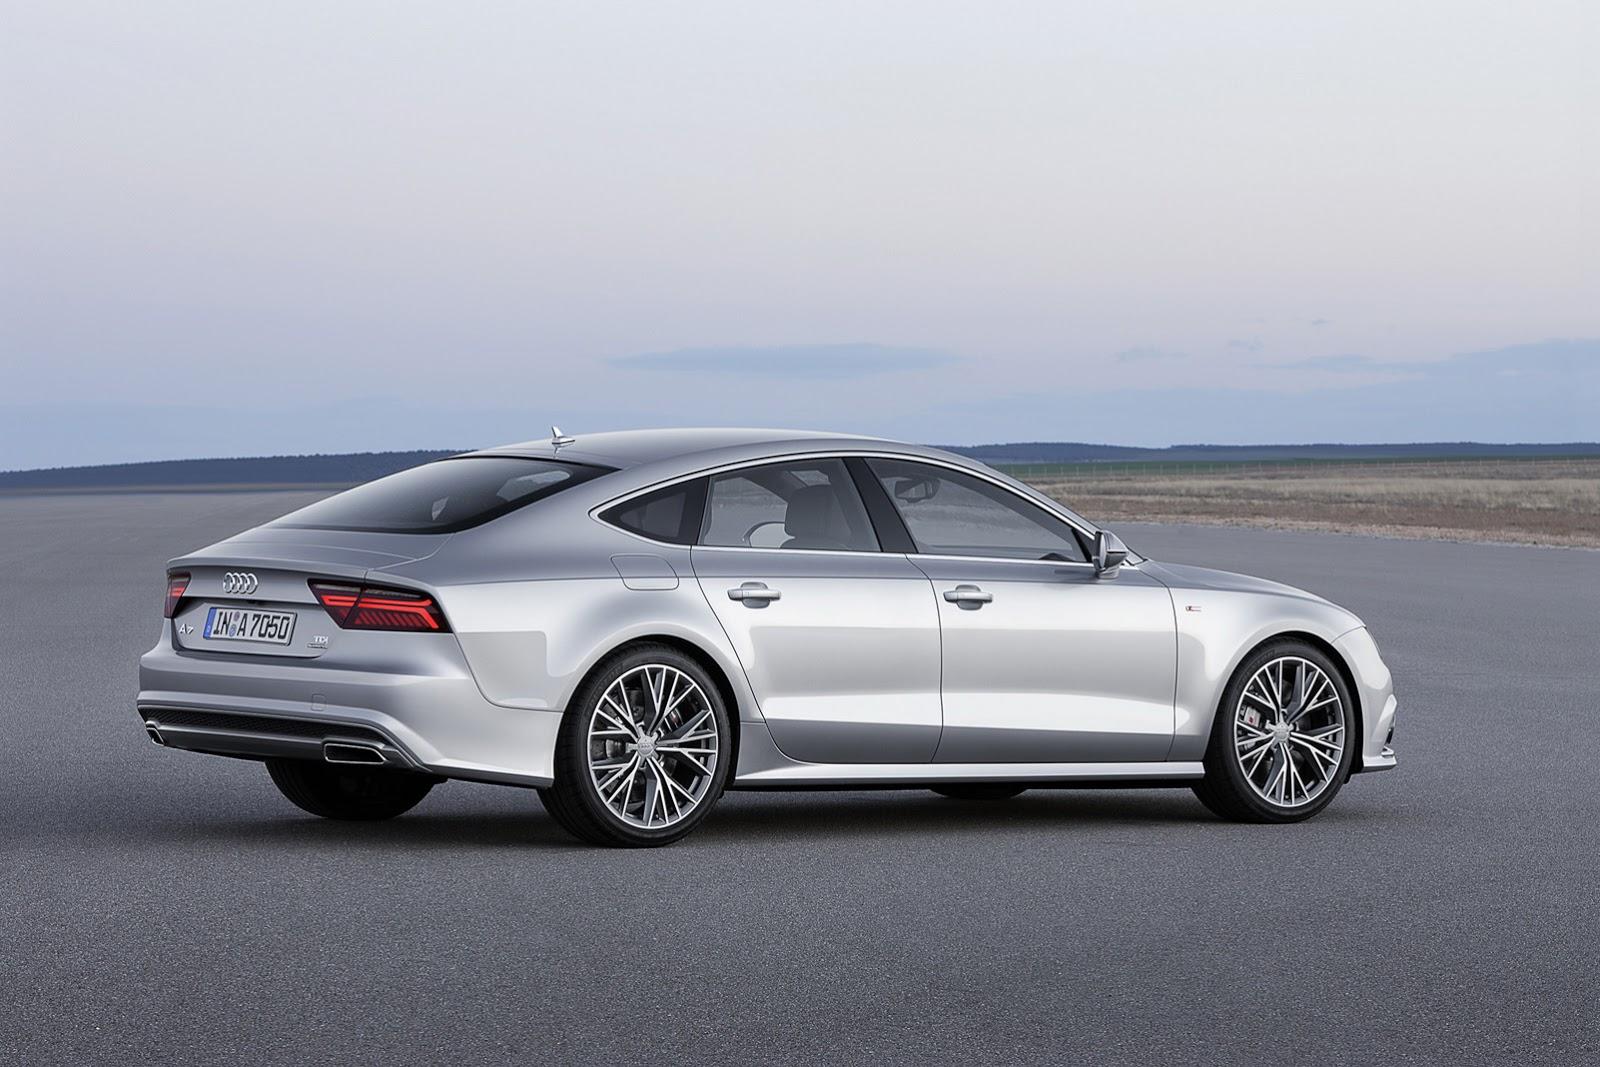 El nuevo Audi A7 Sportback debutará en diciembre